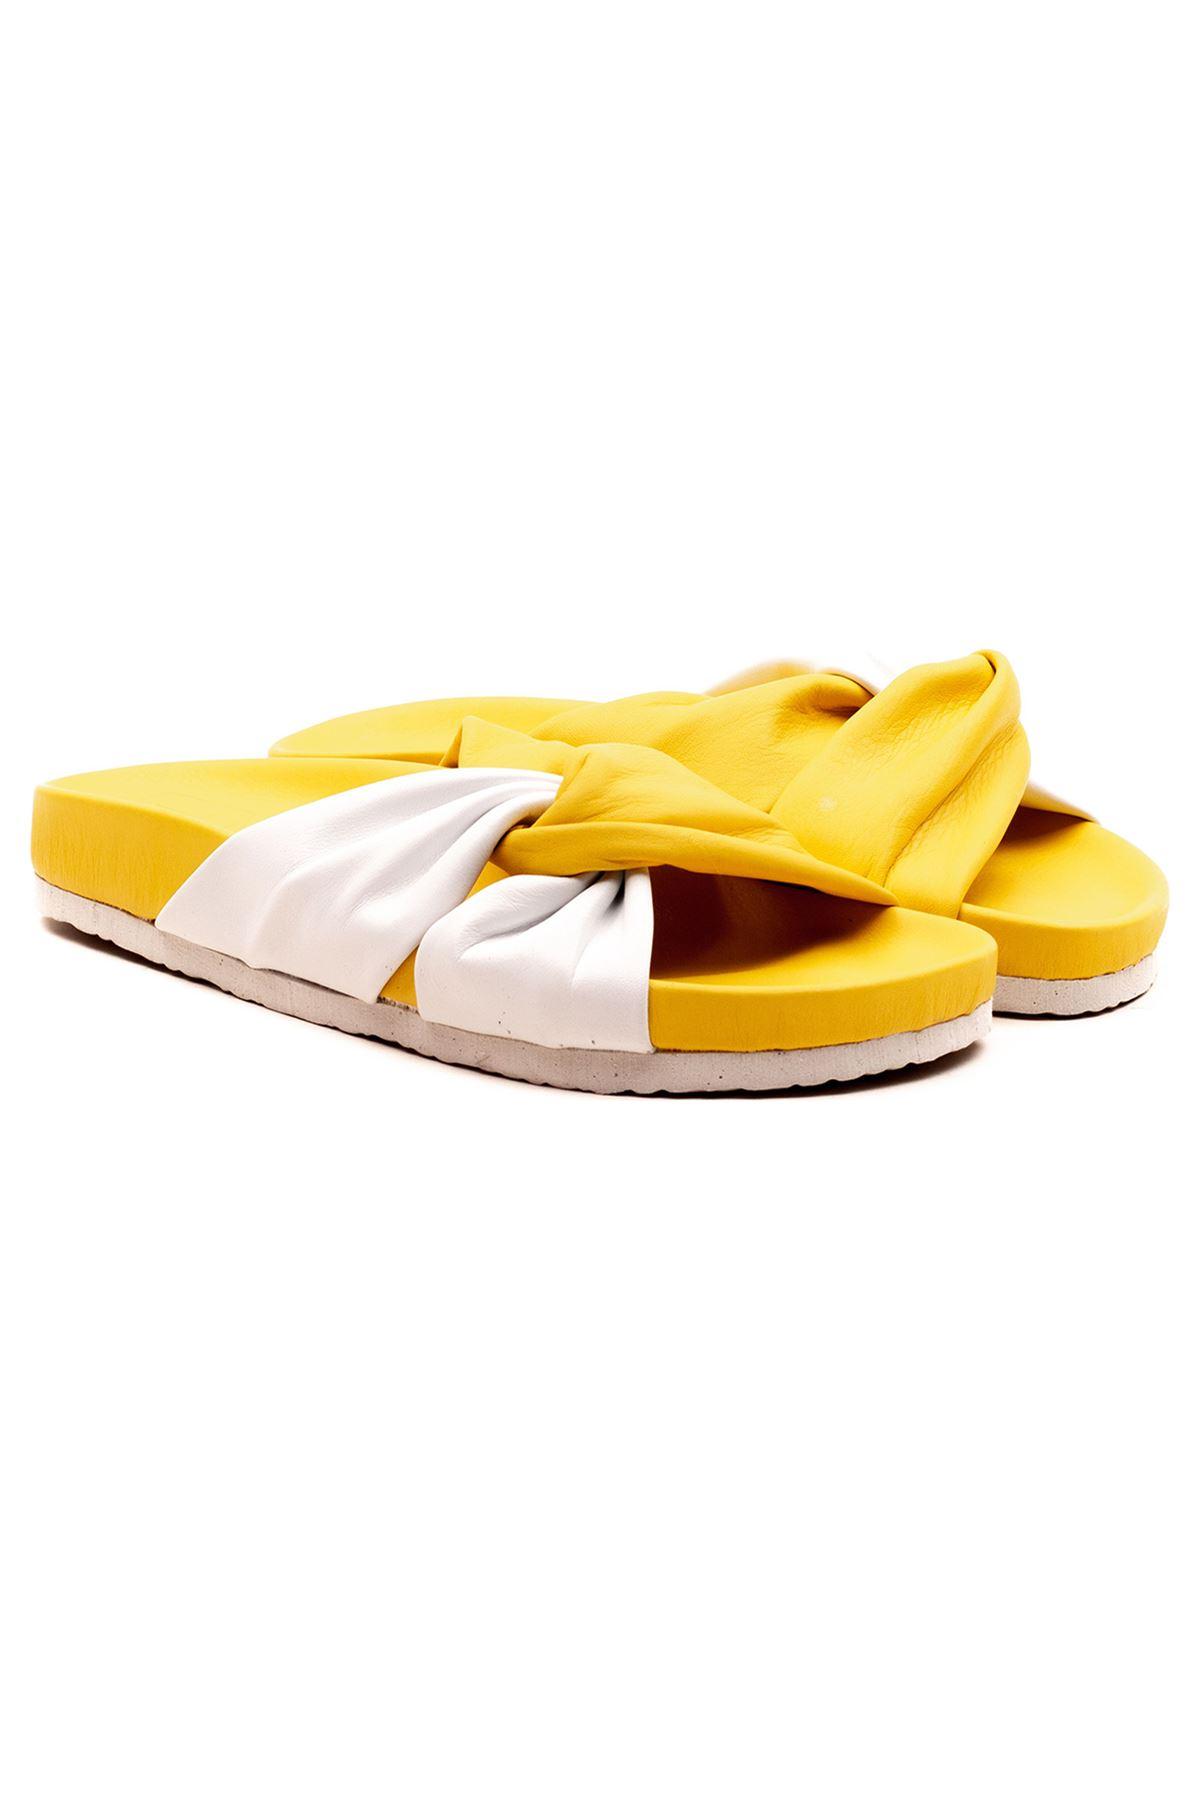 Alesia Kadın Terlik Sarı Beyaz